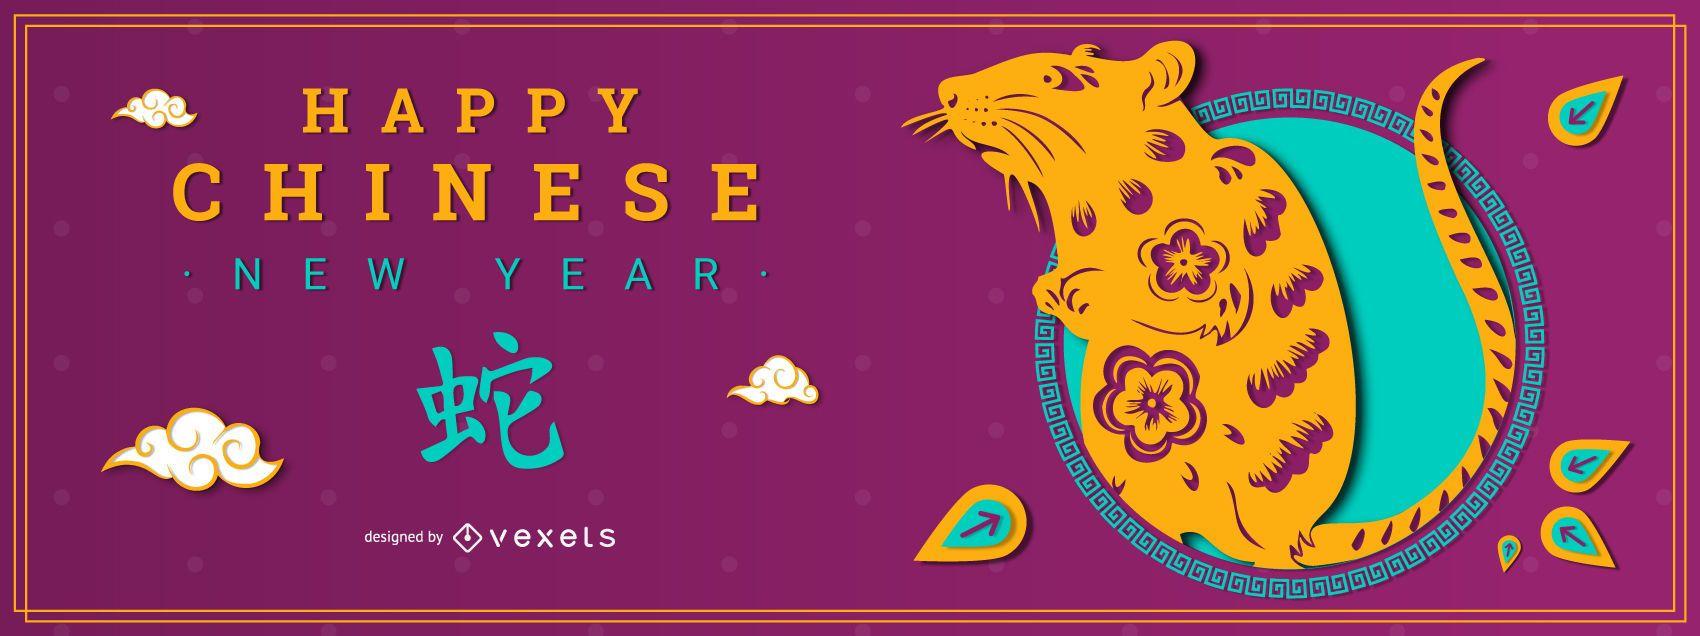 Banner de feliz año nuevo chino